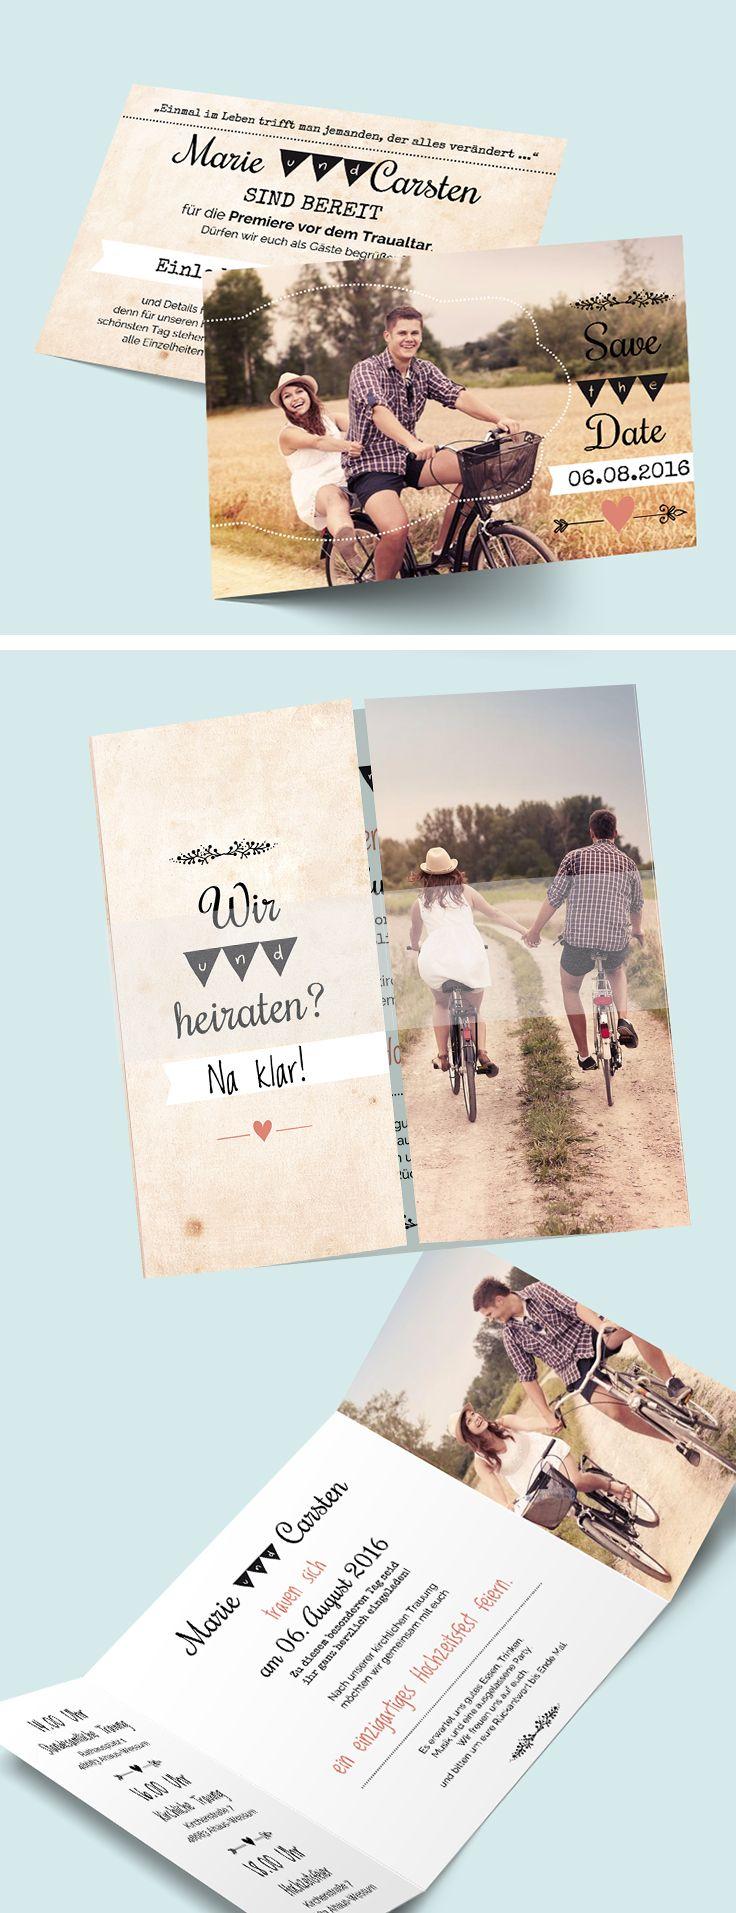 Hochzeitseinladung: Retro Romance. Für Alle, die auf retro Einladungskarten mit frischem Wind stehen. #retroideas